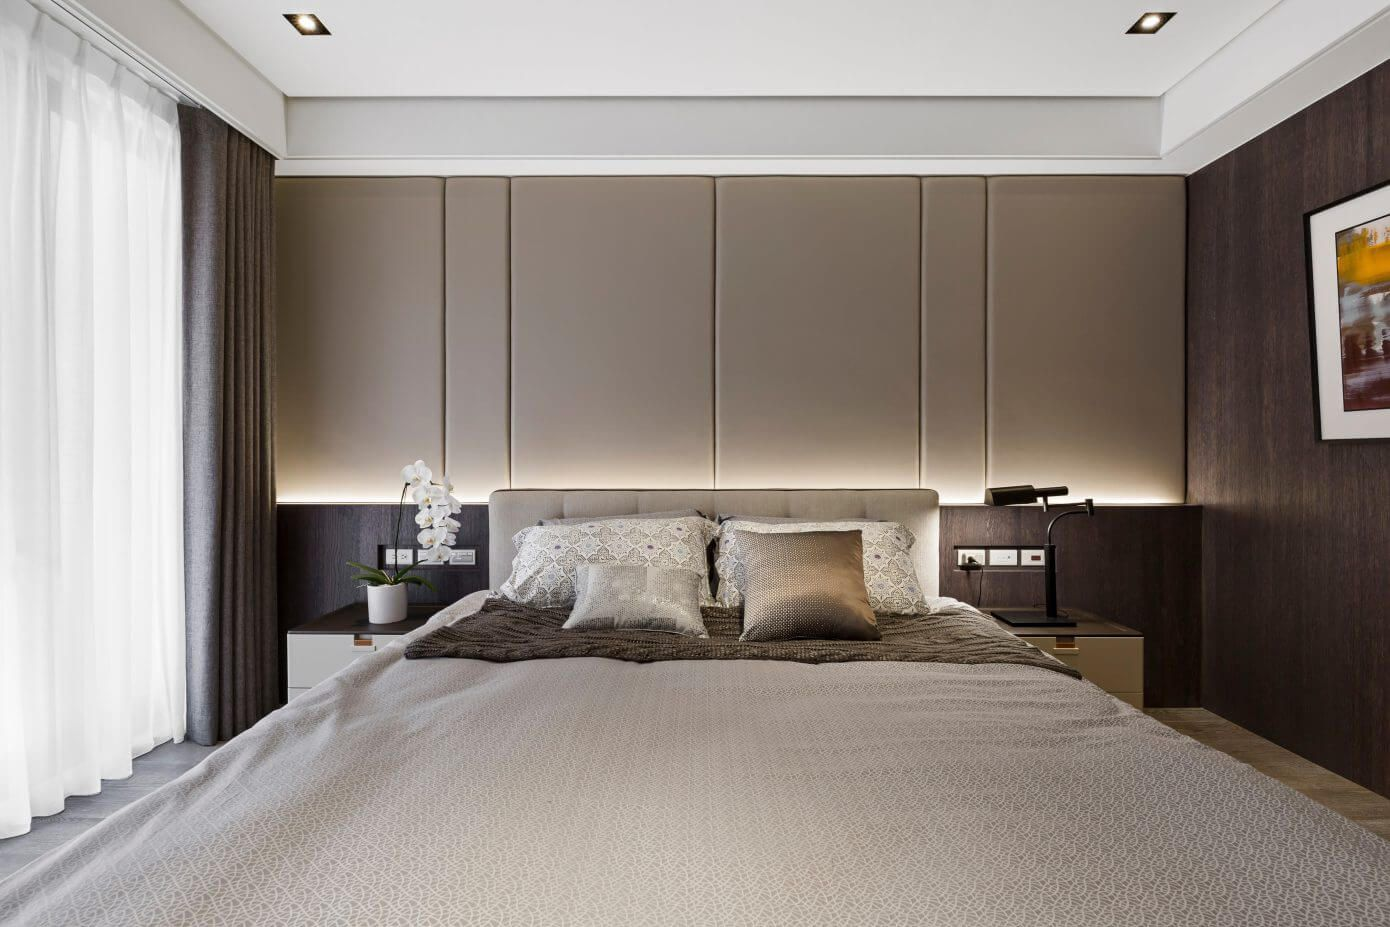 014 Contemporary Home Vattier Design